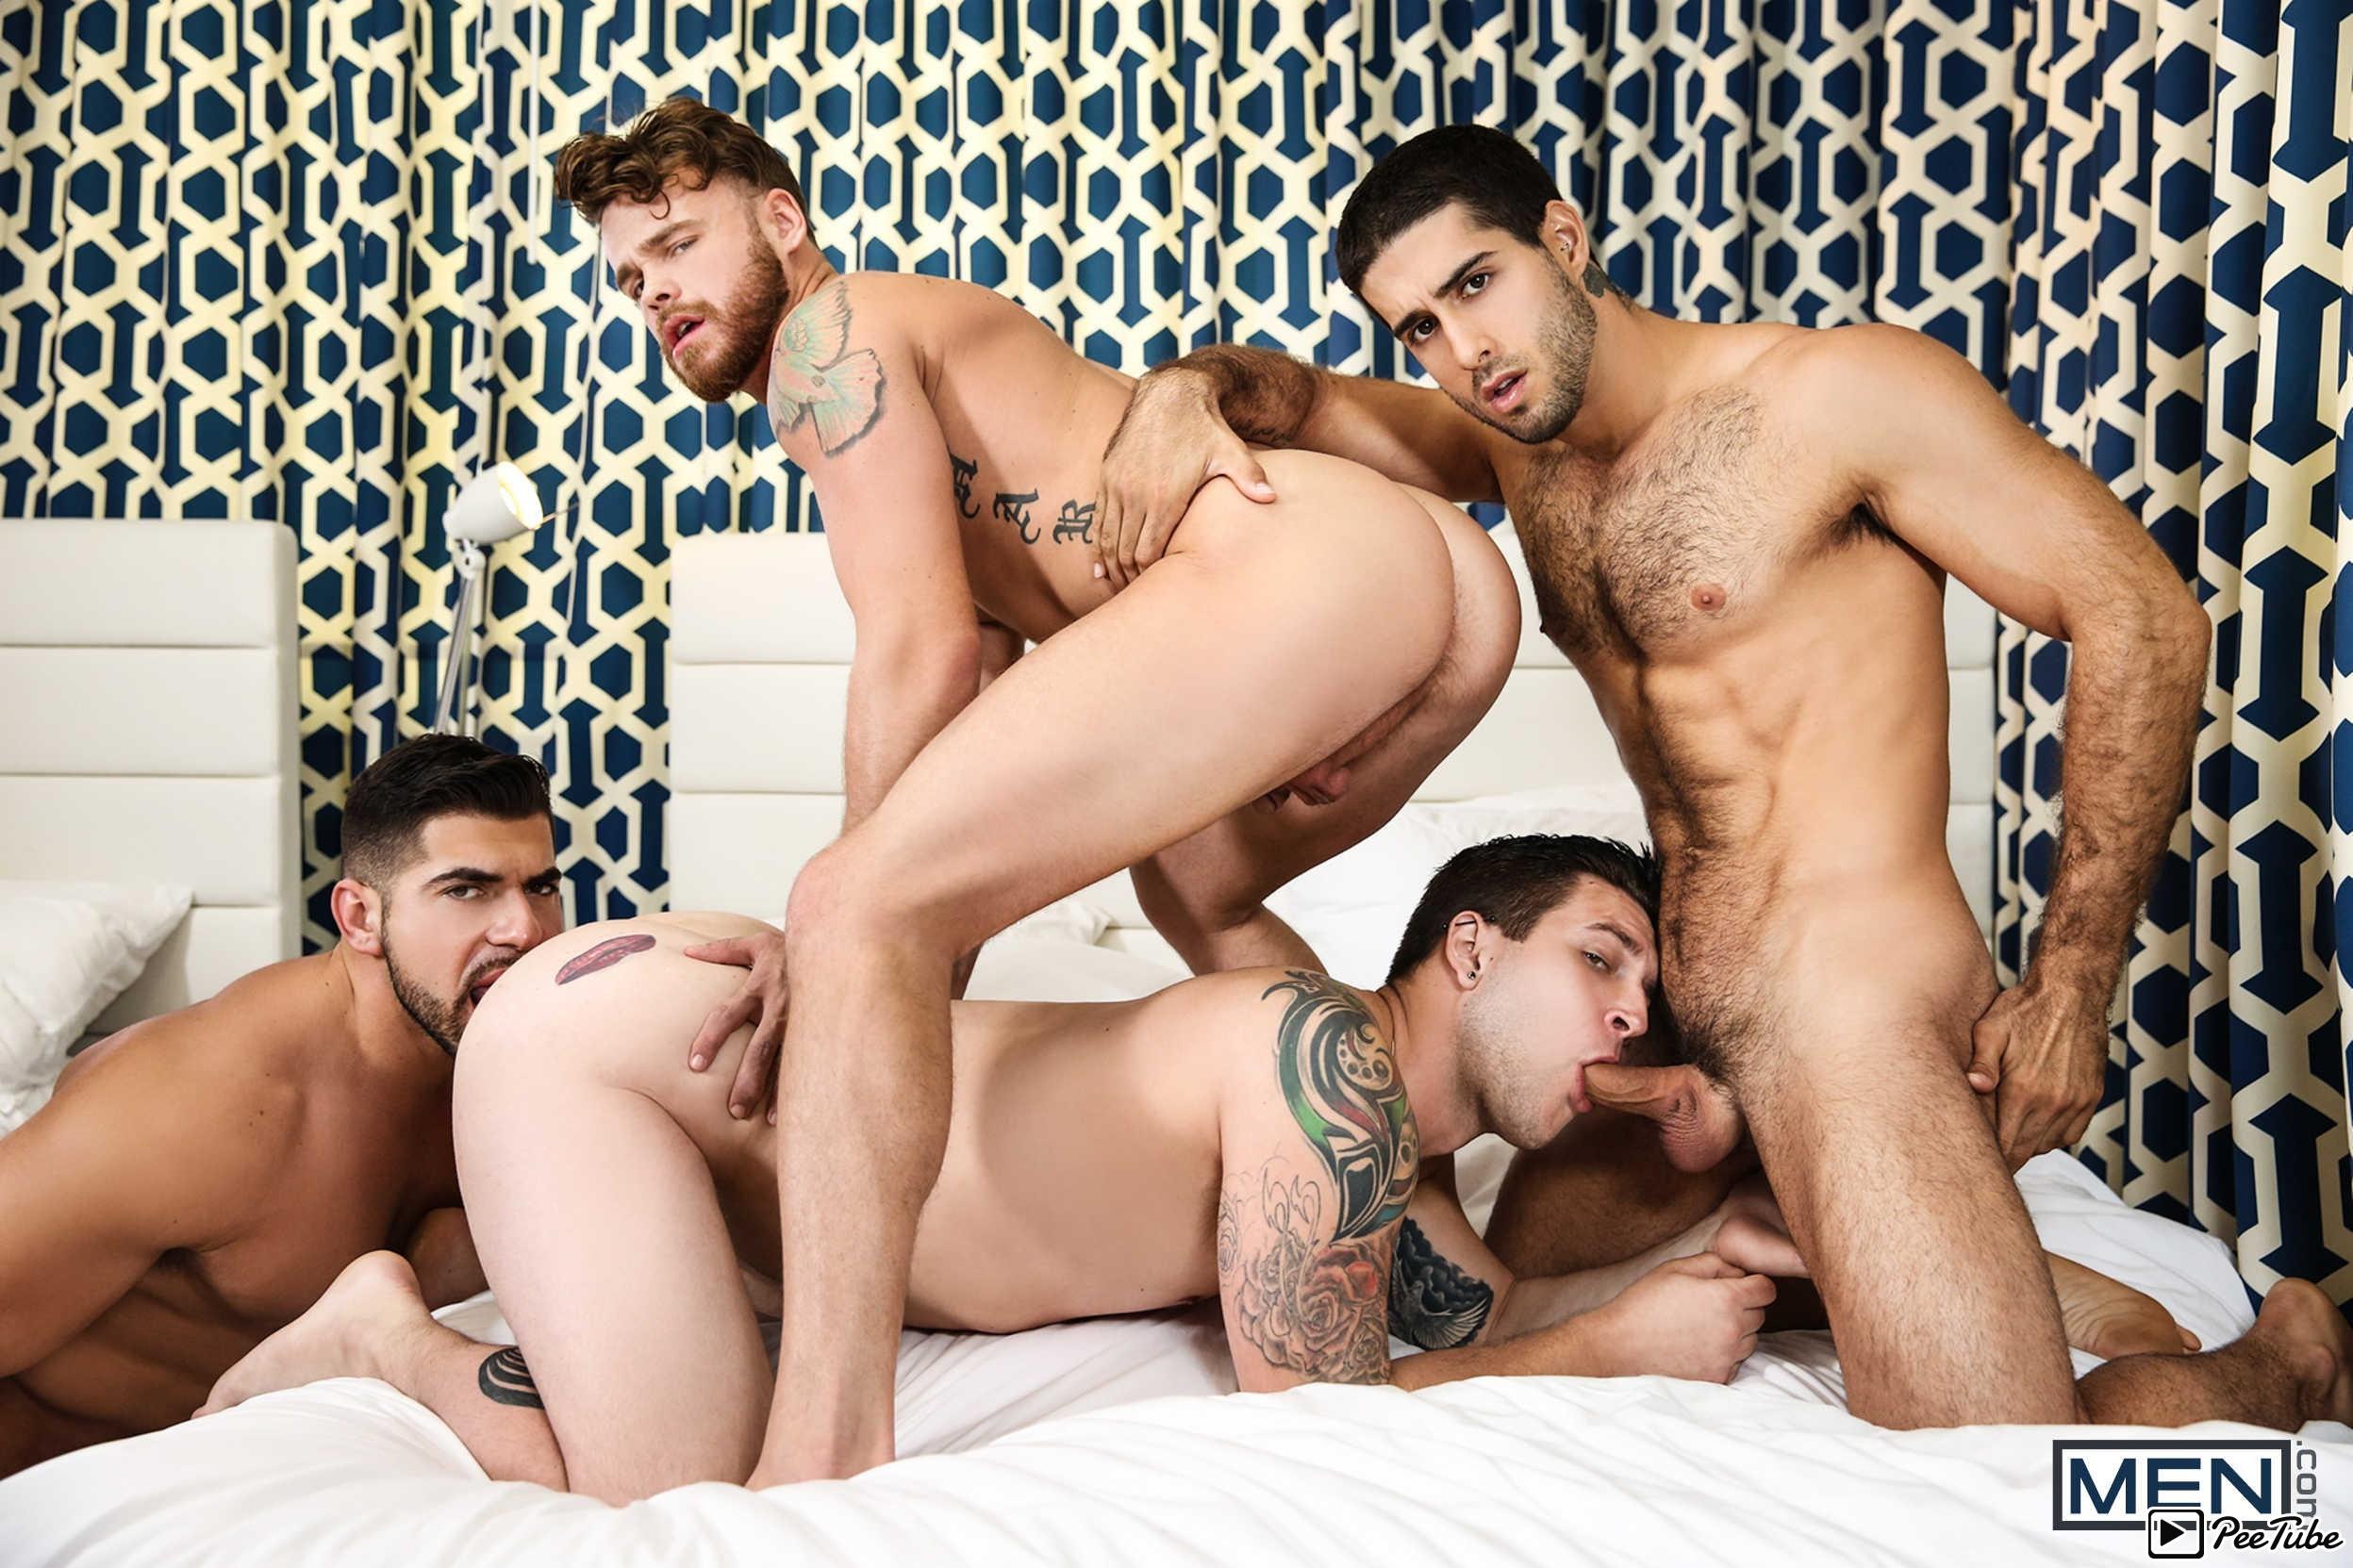 Damien Lucas gay Porr gratis stora svarta tuppar bilder